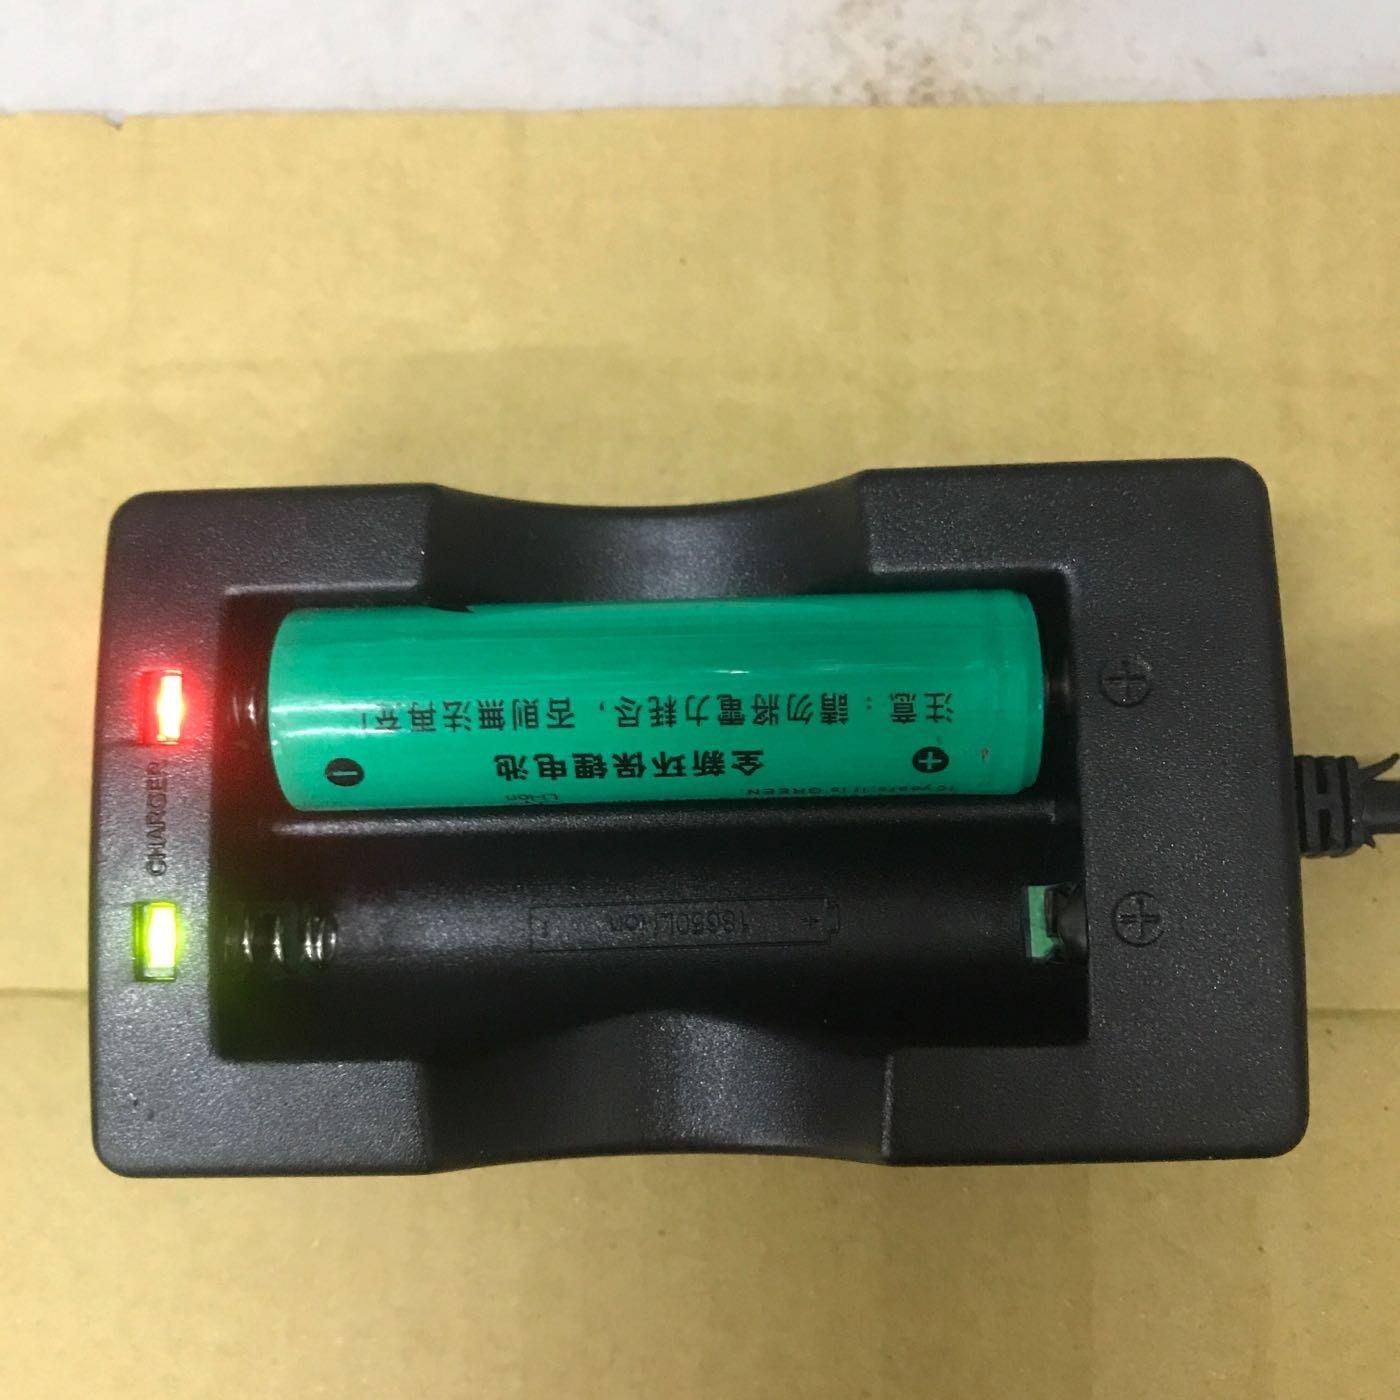 帶線充電器 / 18650 充電器 / 18650鋰電池充電器 / 帶線雙充